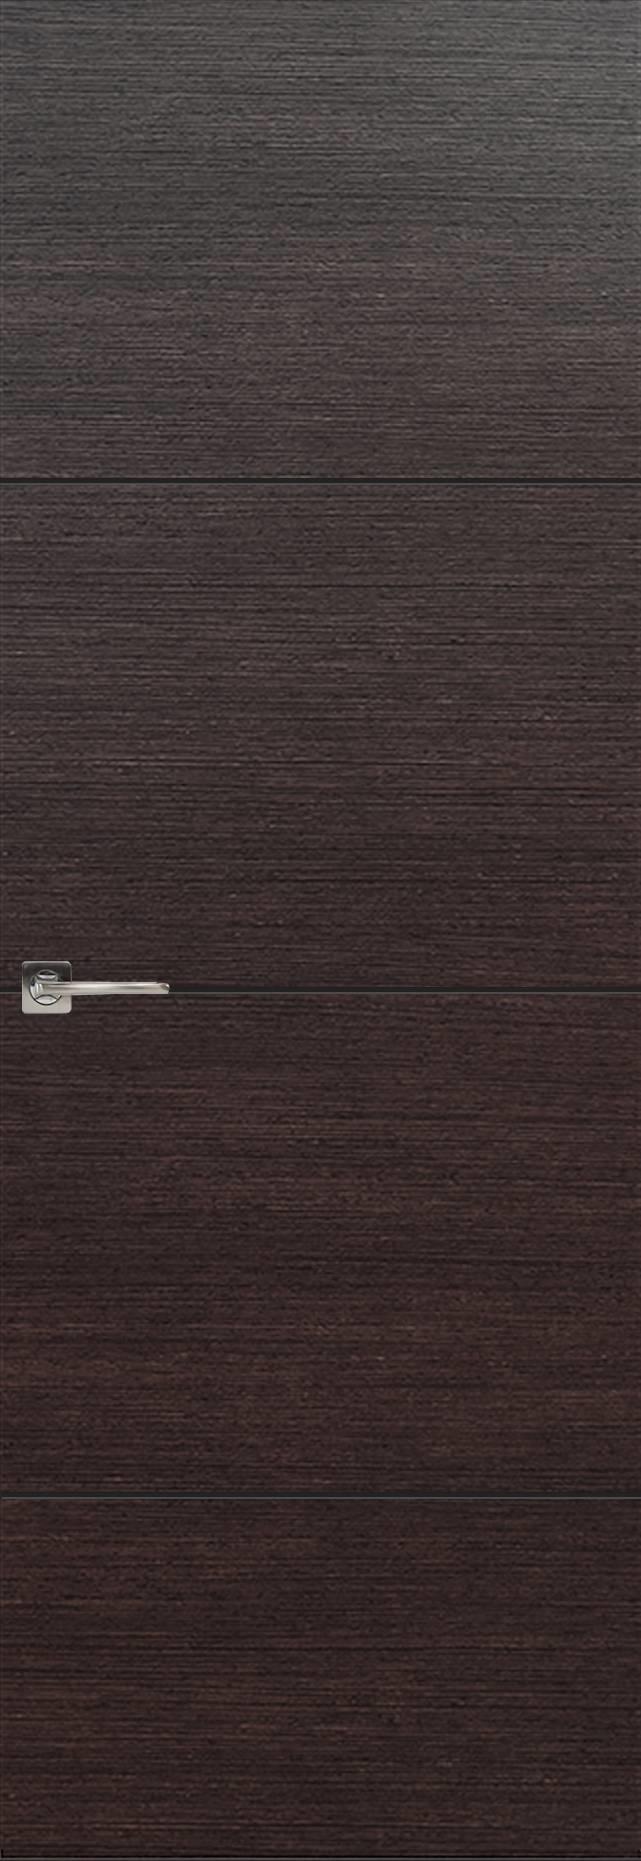 Tivoli Г-2 Invisible цвет - Венге Шоколад Без стекла (ДГ)